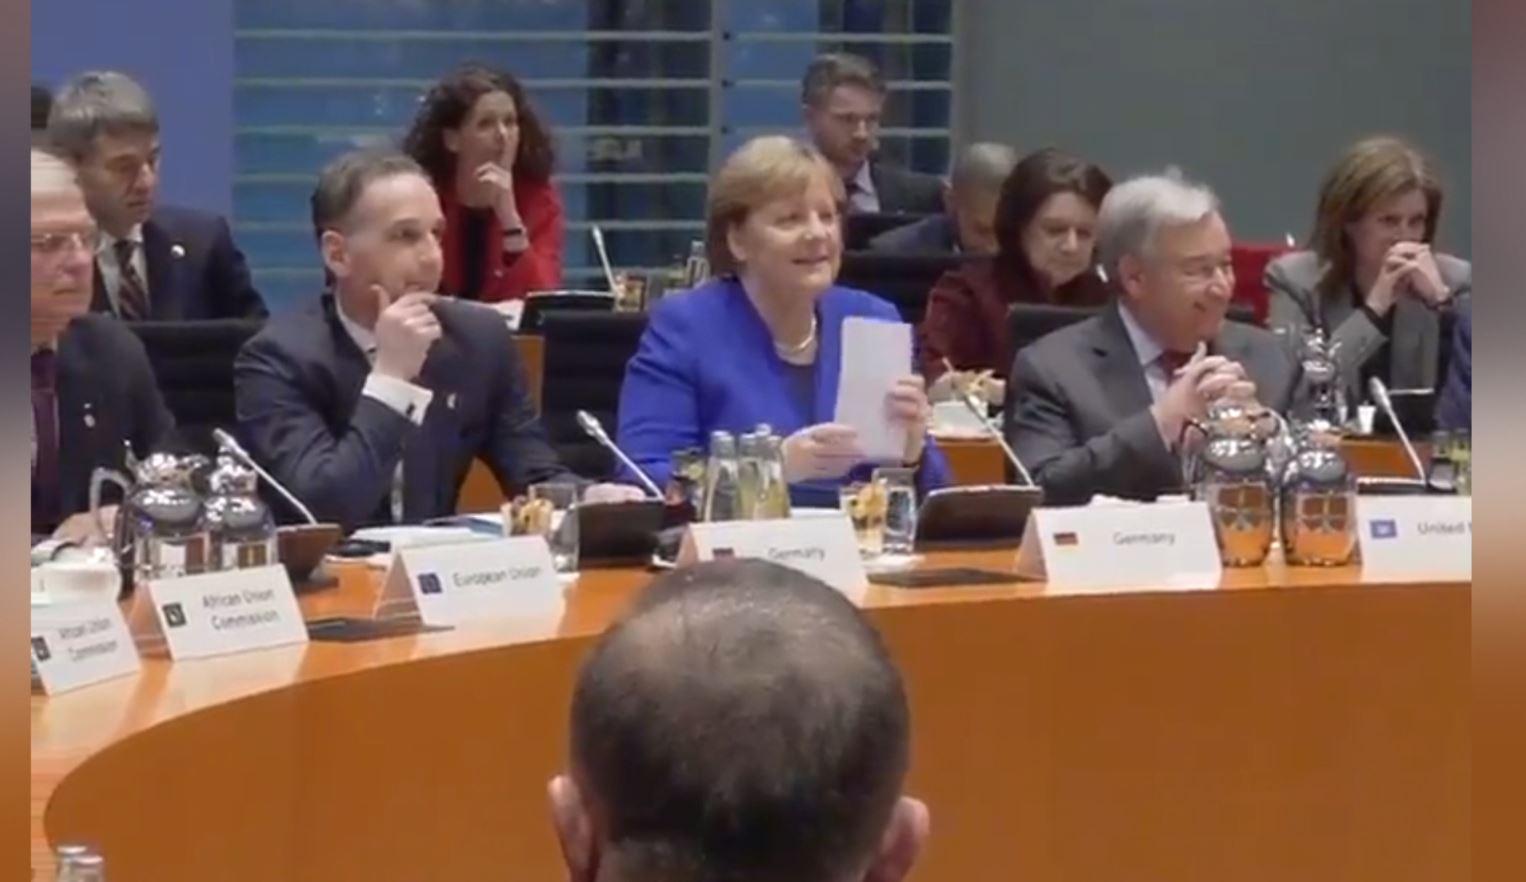 Konferenca për Libinë në Berlin: Marrëveshje unanime për zgjidhje politike, monitorim armëpushimit